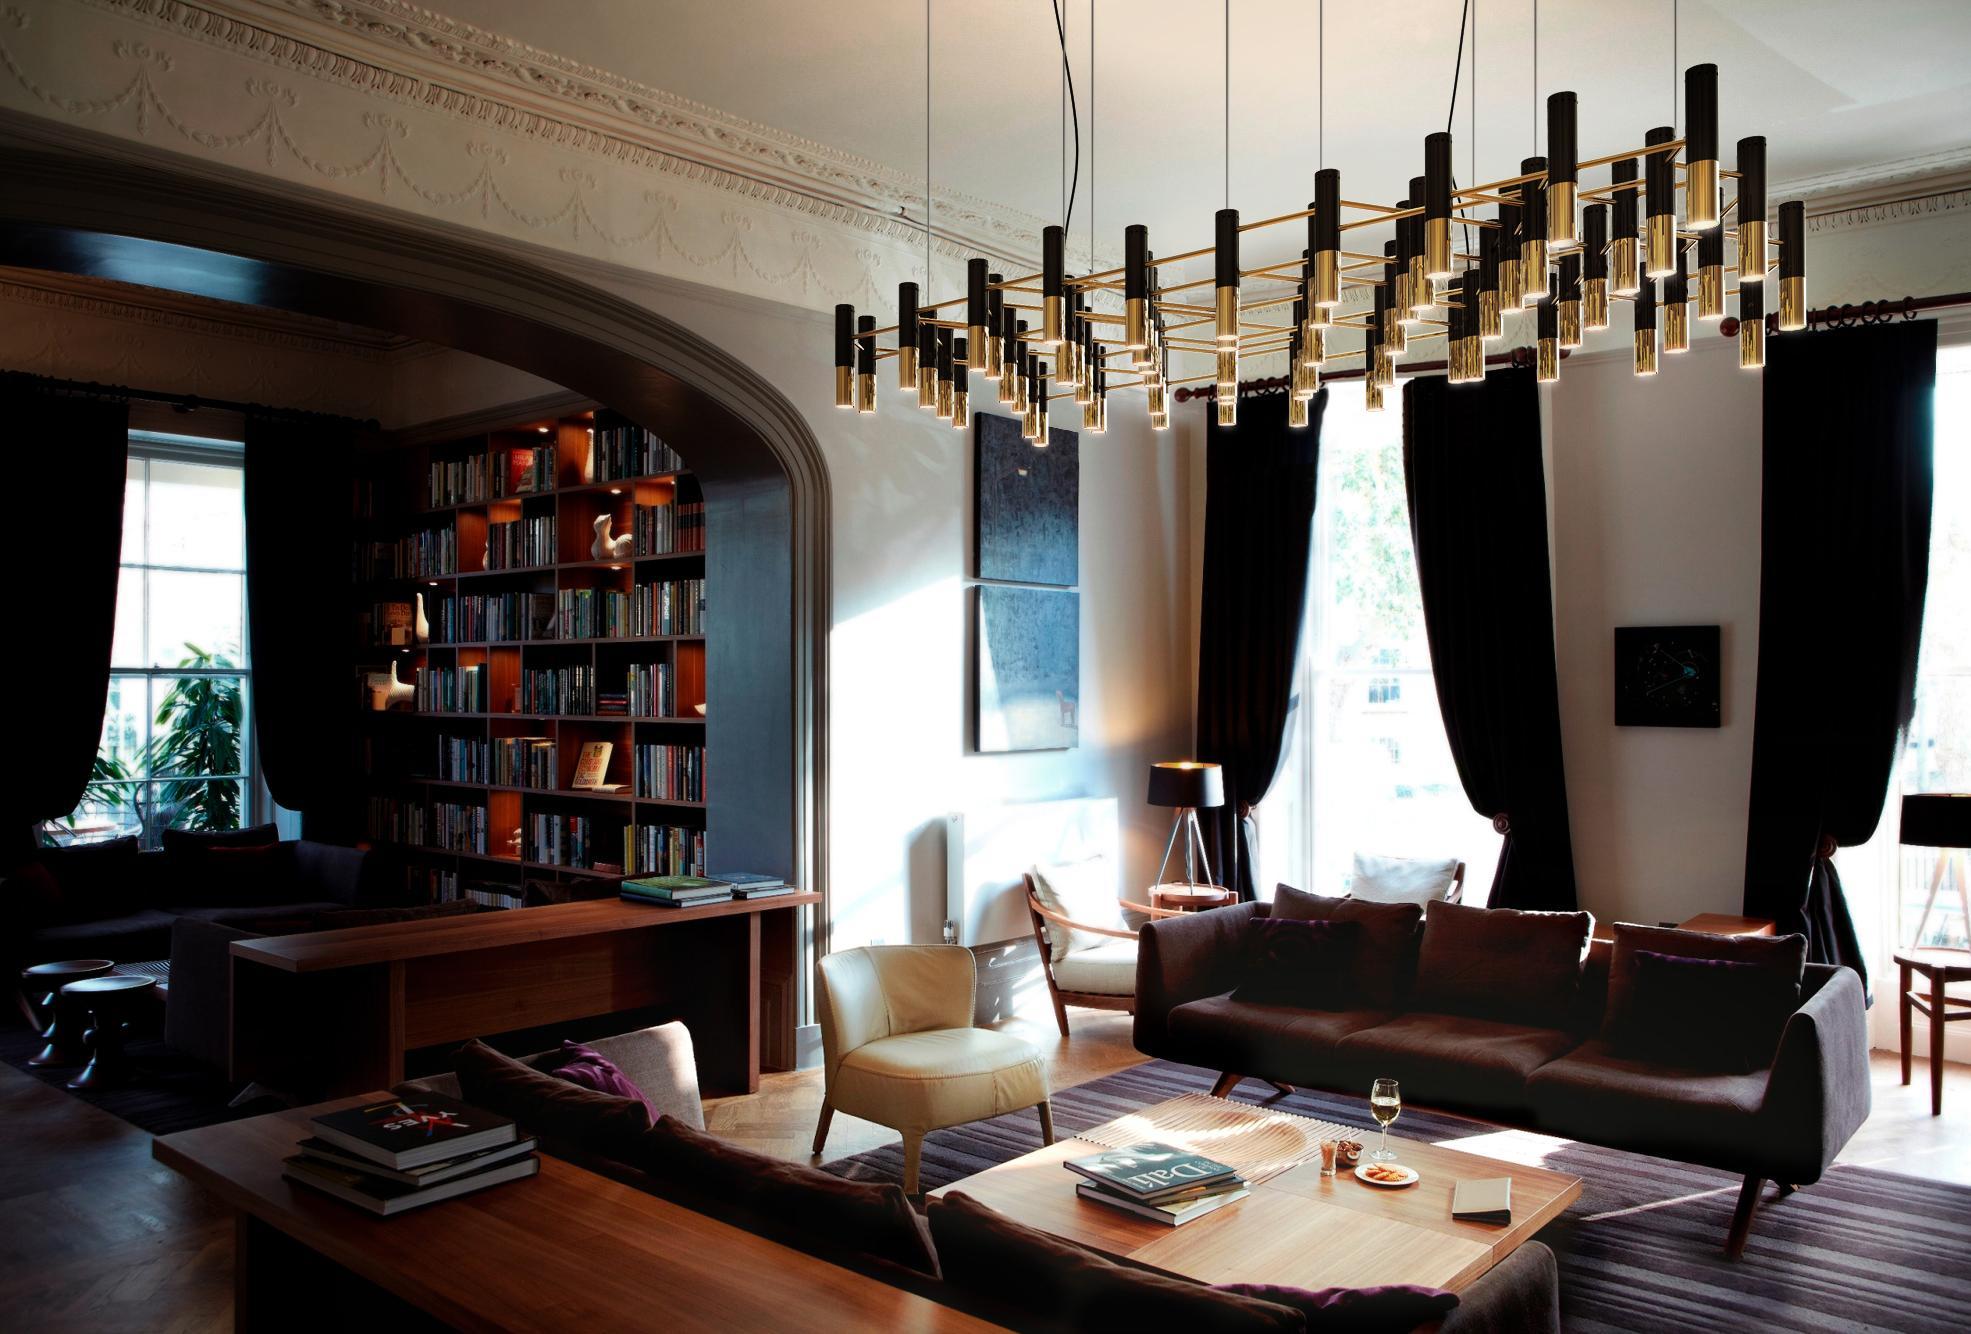 Goldene Hängeleuchte Im Wohnzimmer #couchtisch #sessel #sofa  #schwarzehängeleuchte ©Delightfull Ideas